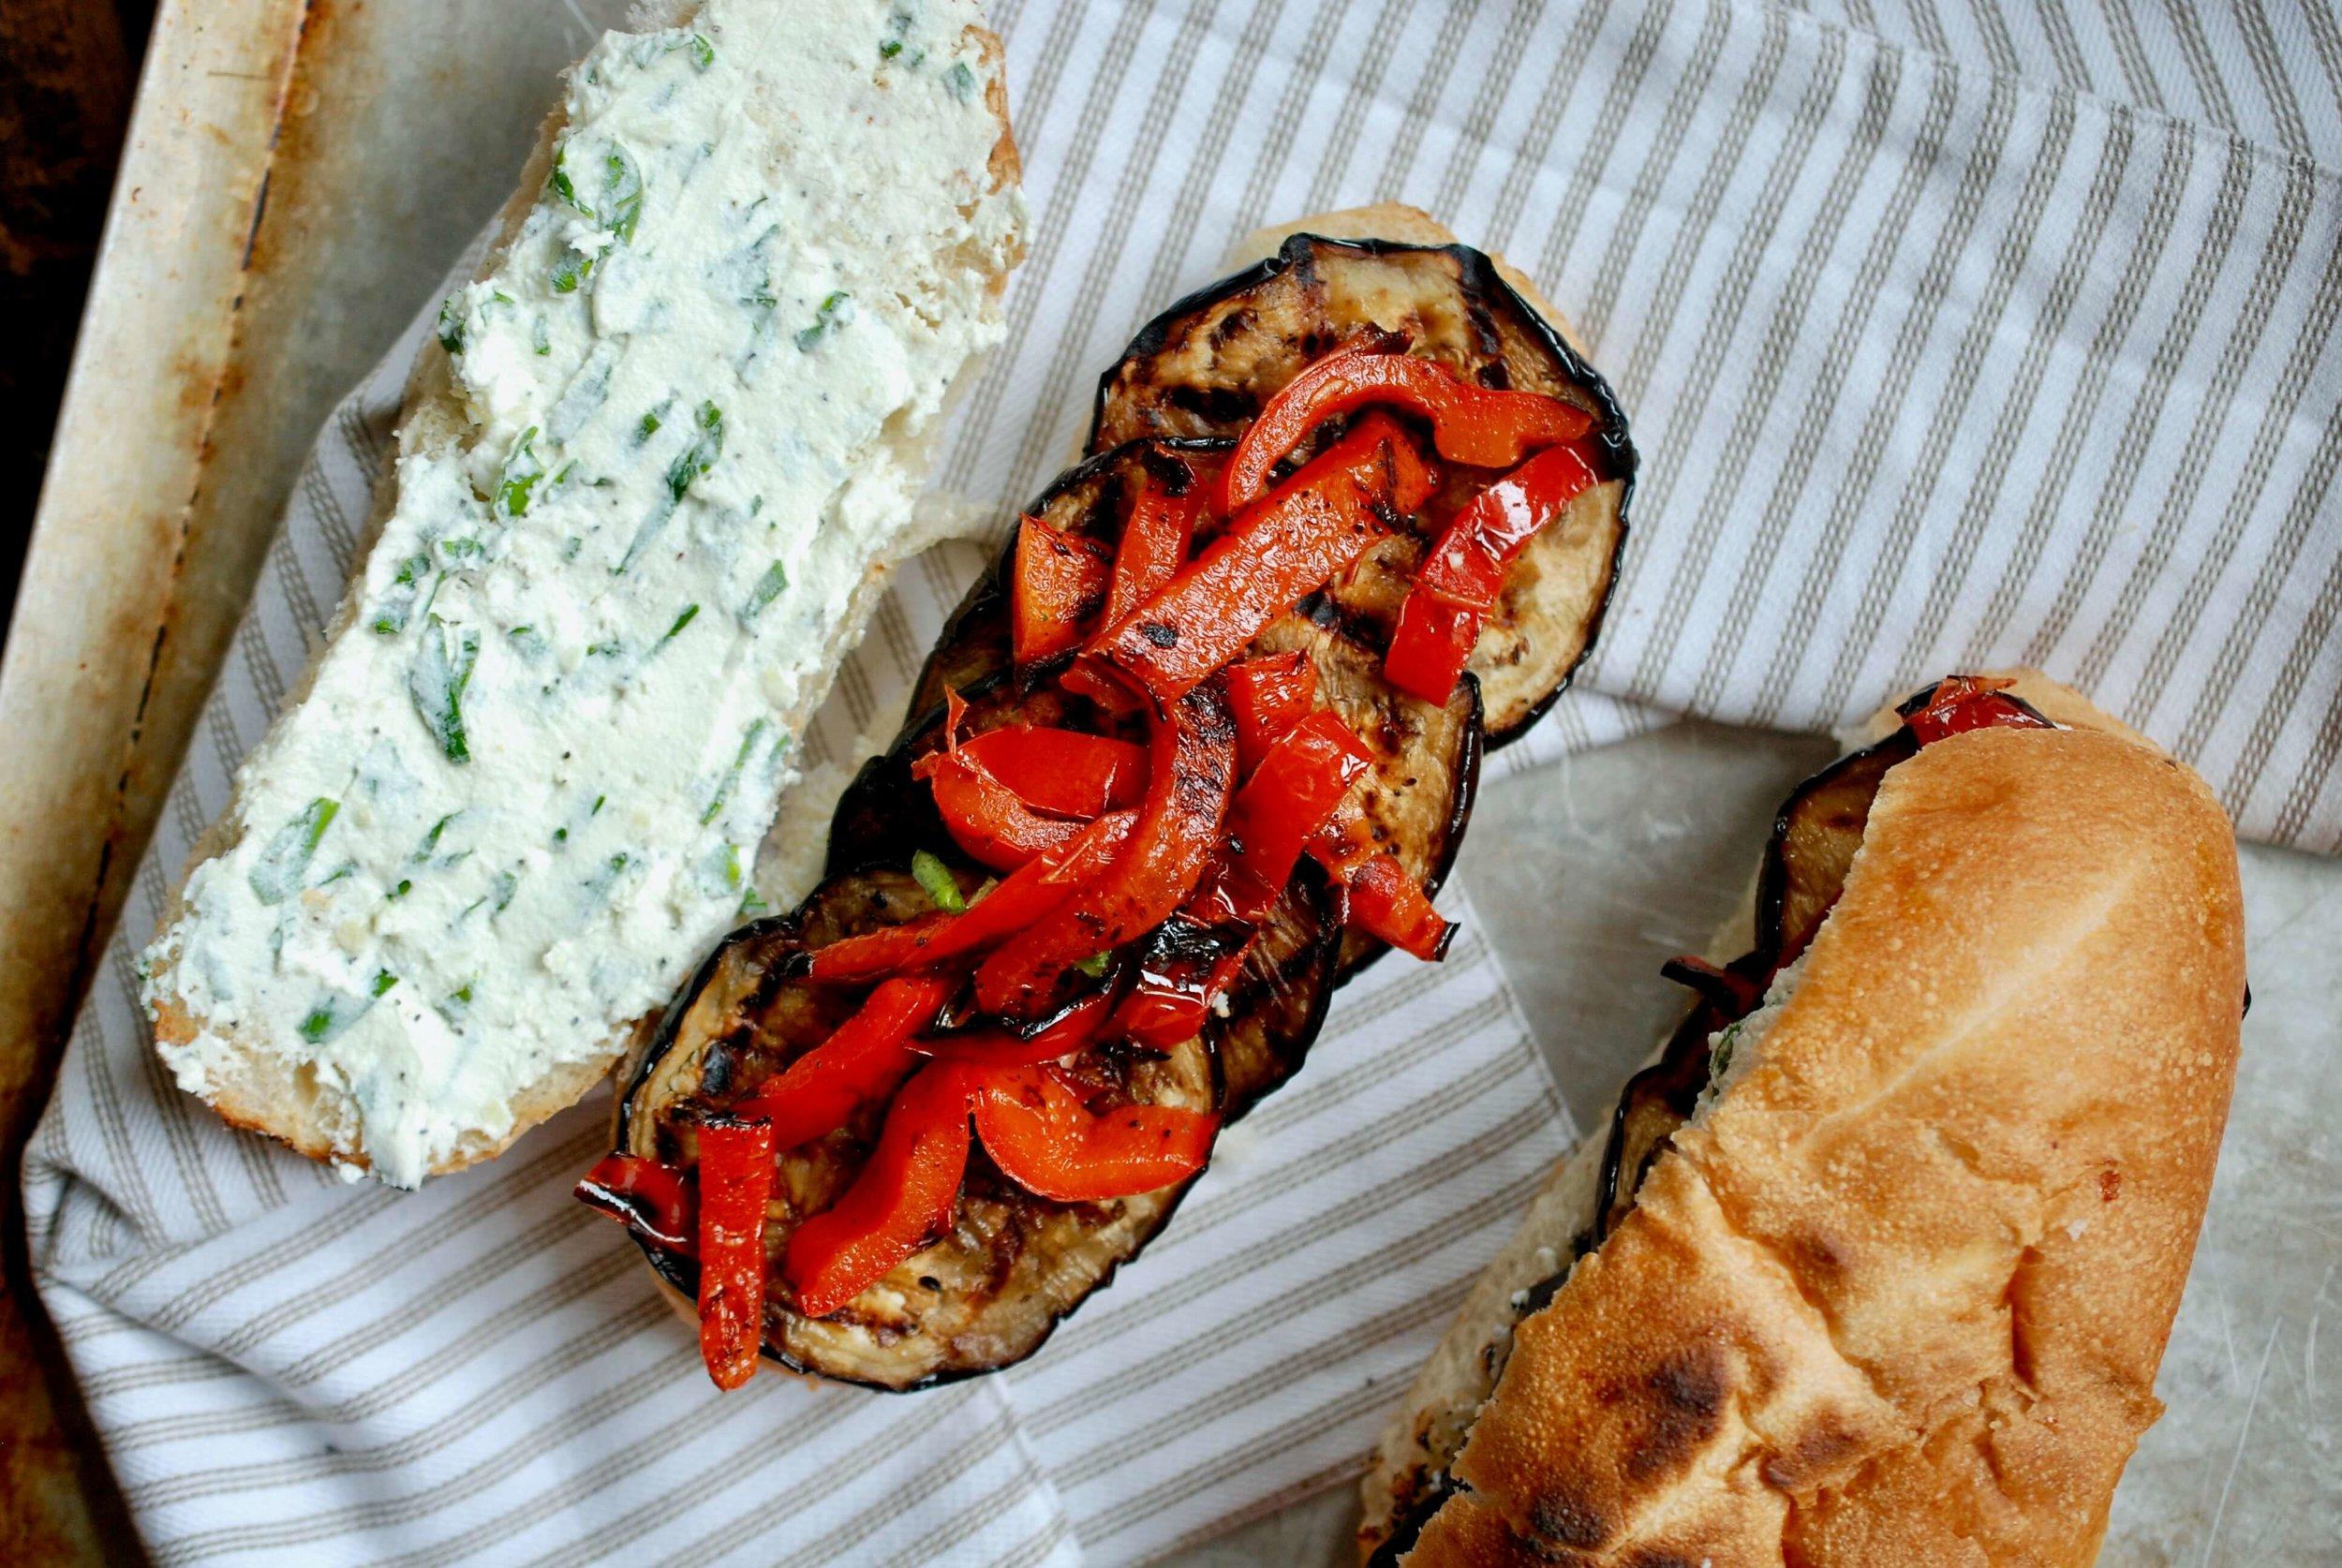 sandwich_no lid.jpg